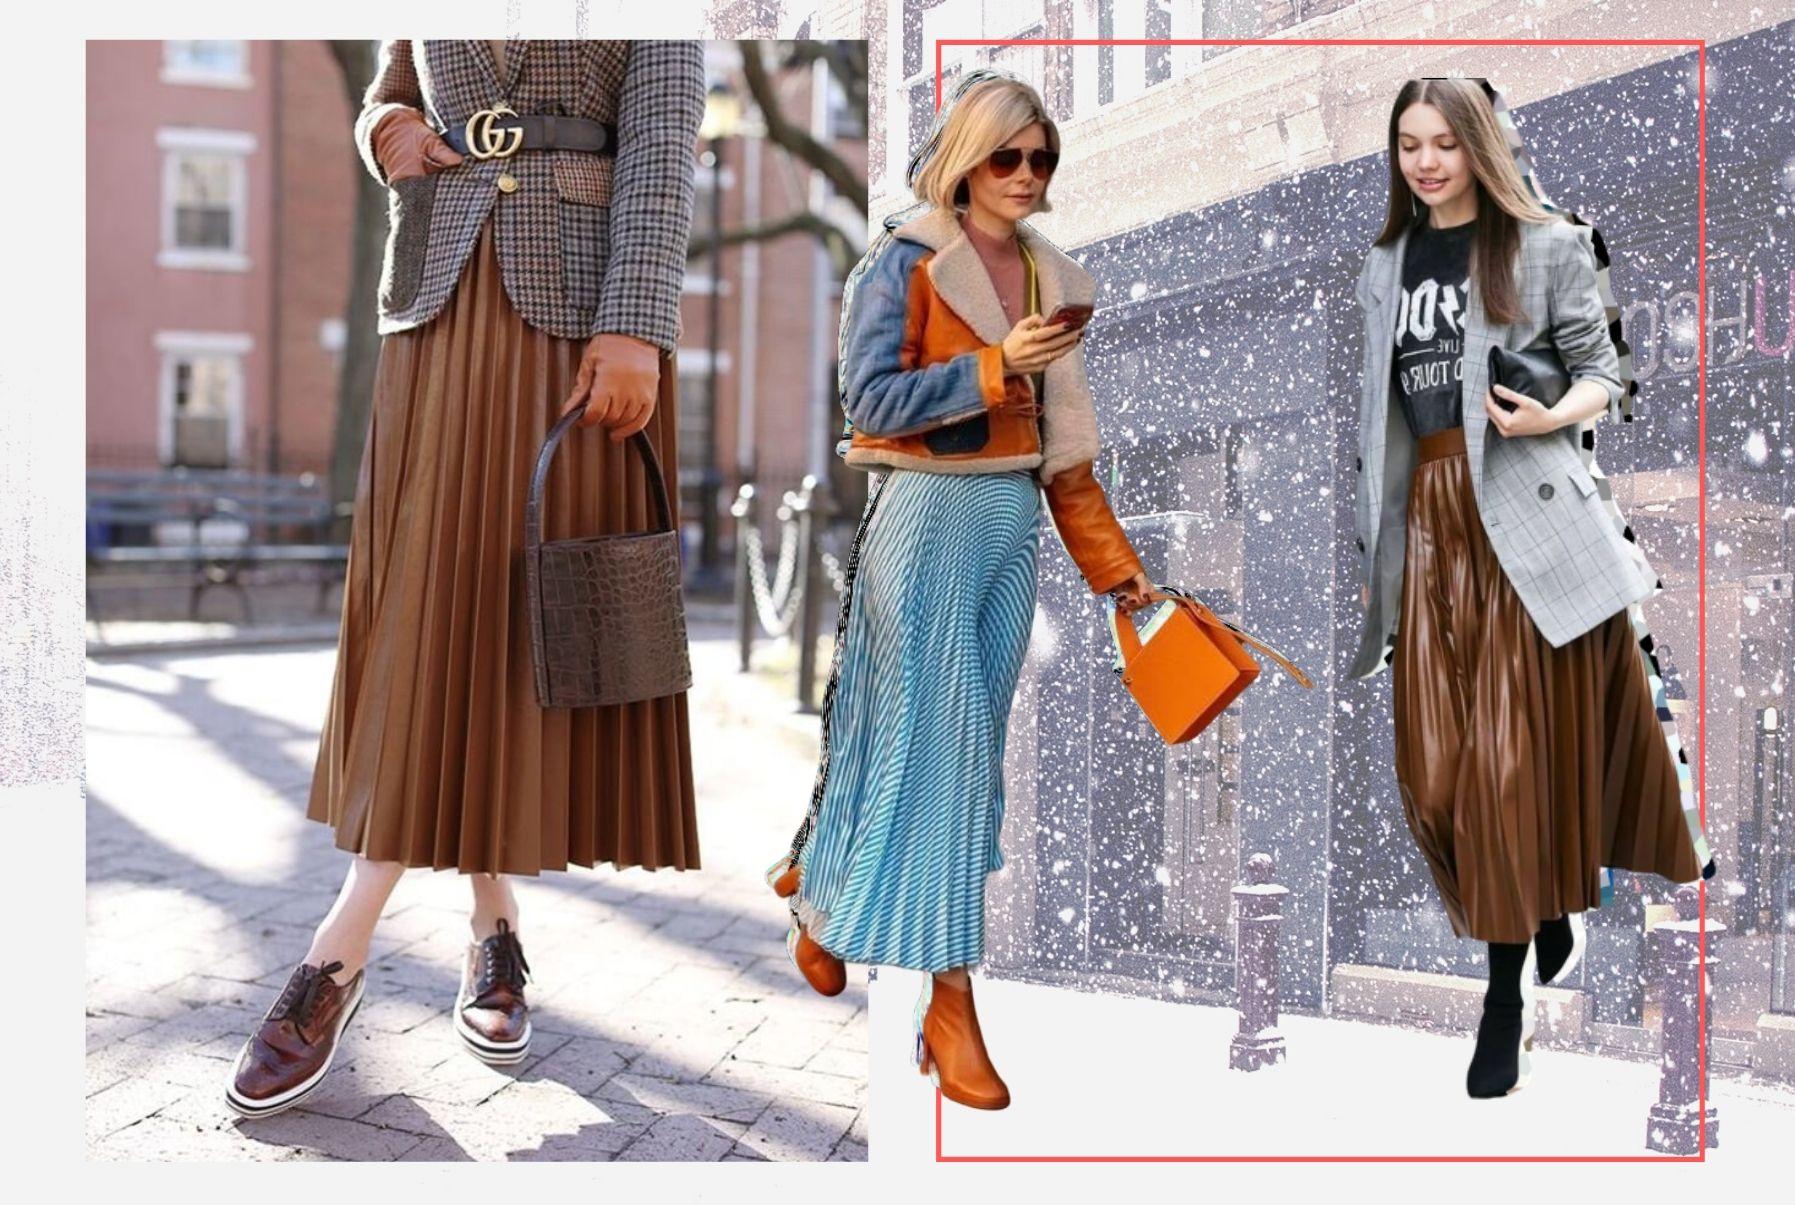 С чем носить юбку плиссе в новом сезоне: Тренды уличного стиля 2020